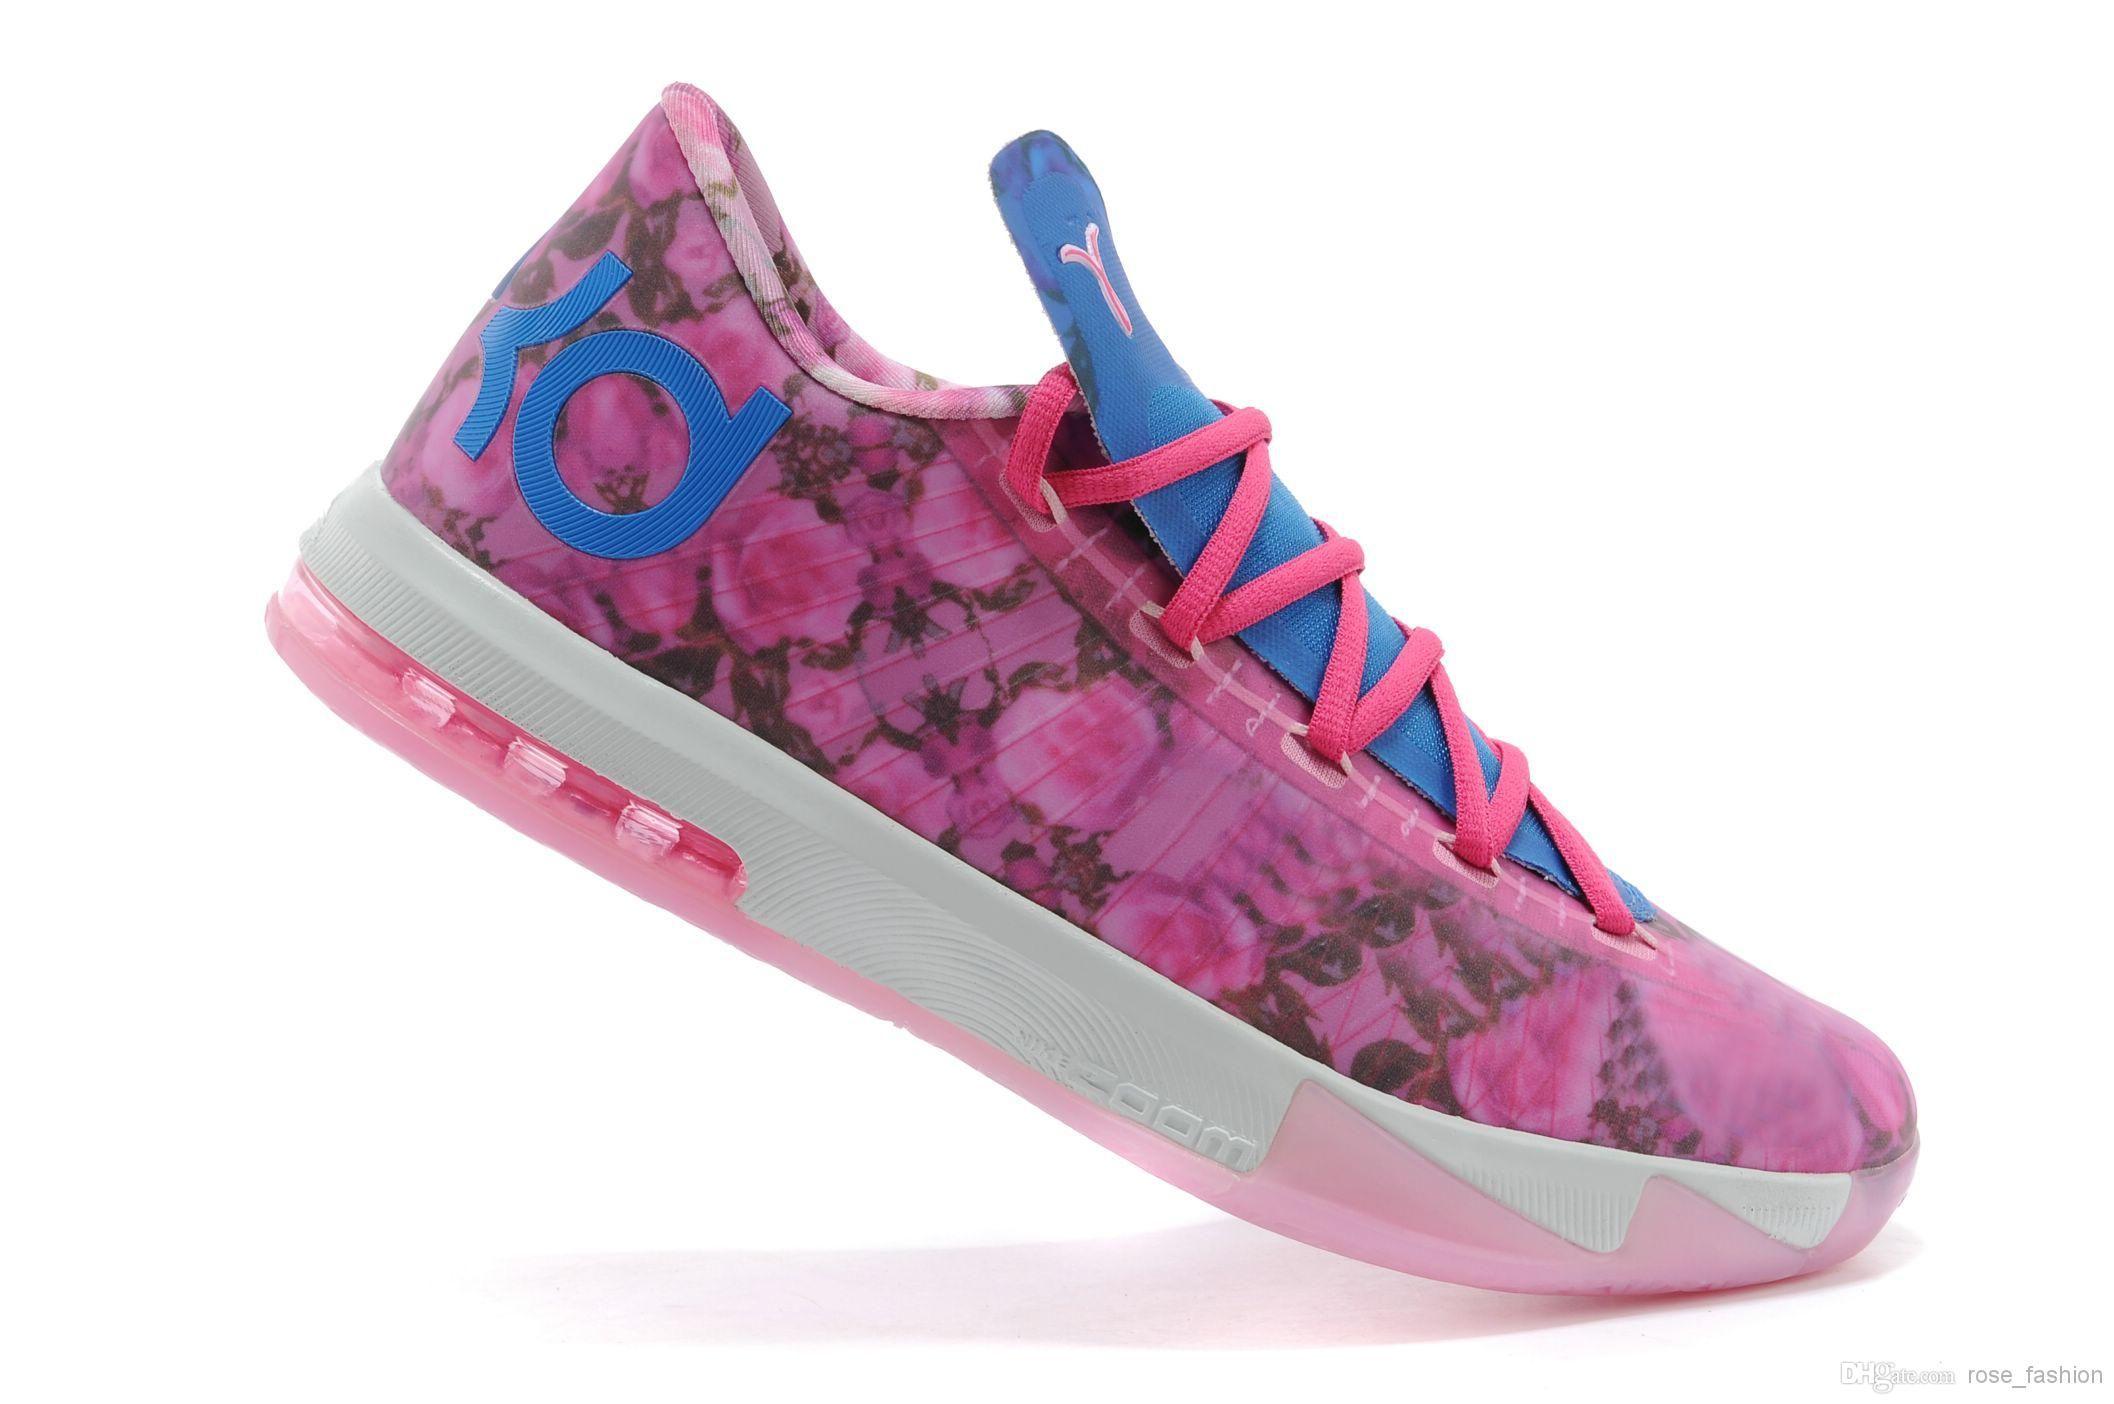 Unique Nike Kevin Durant KD 6 Shoeswomen008